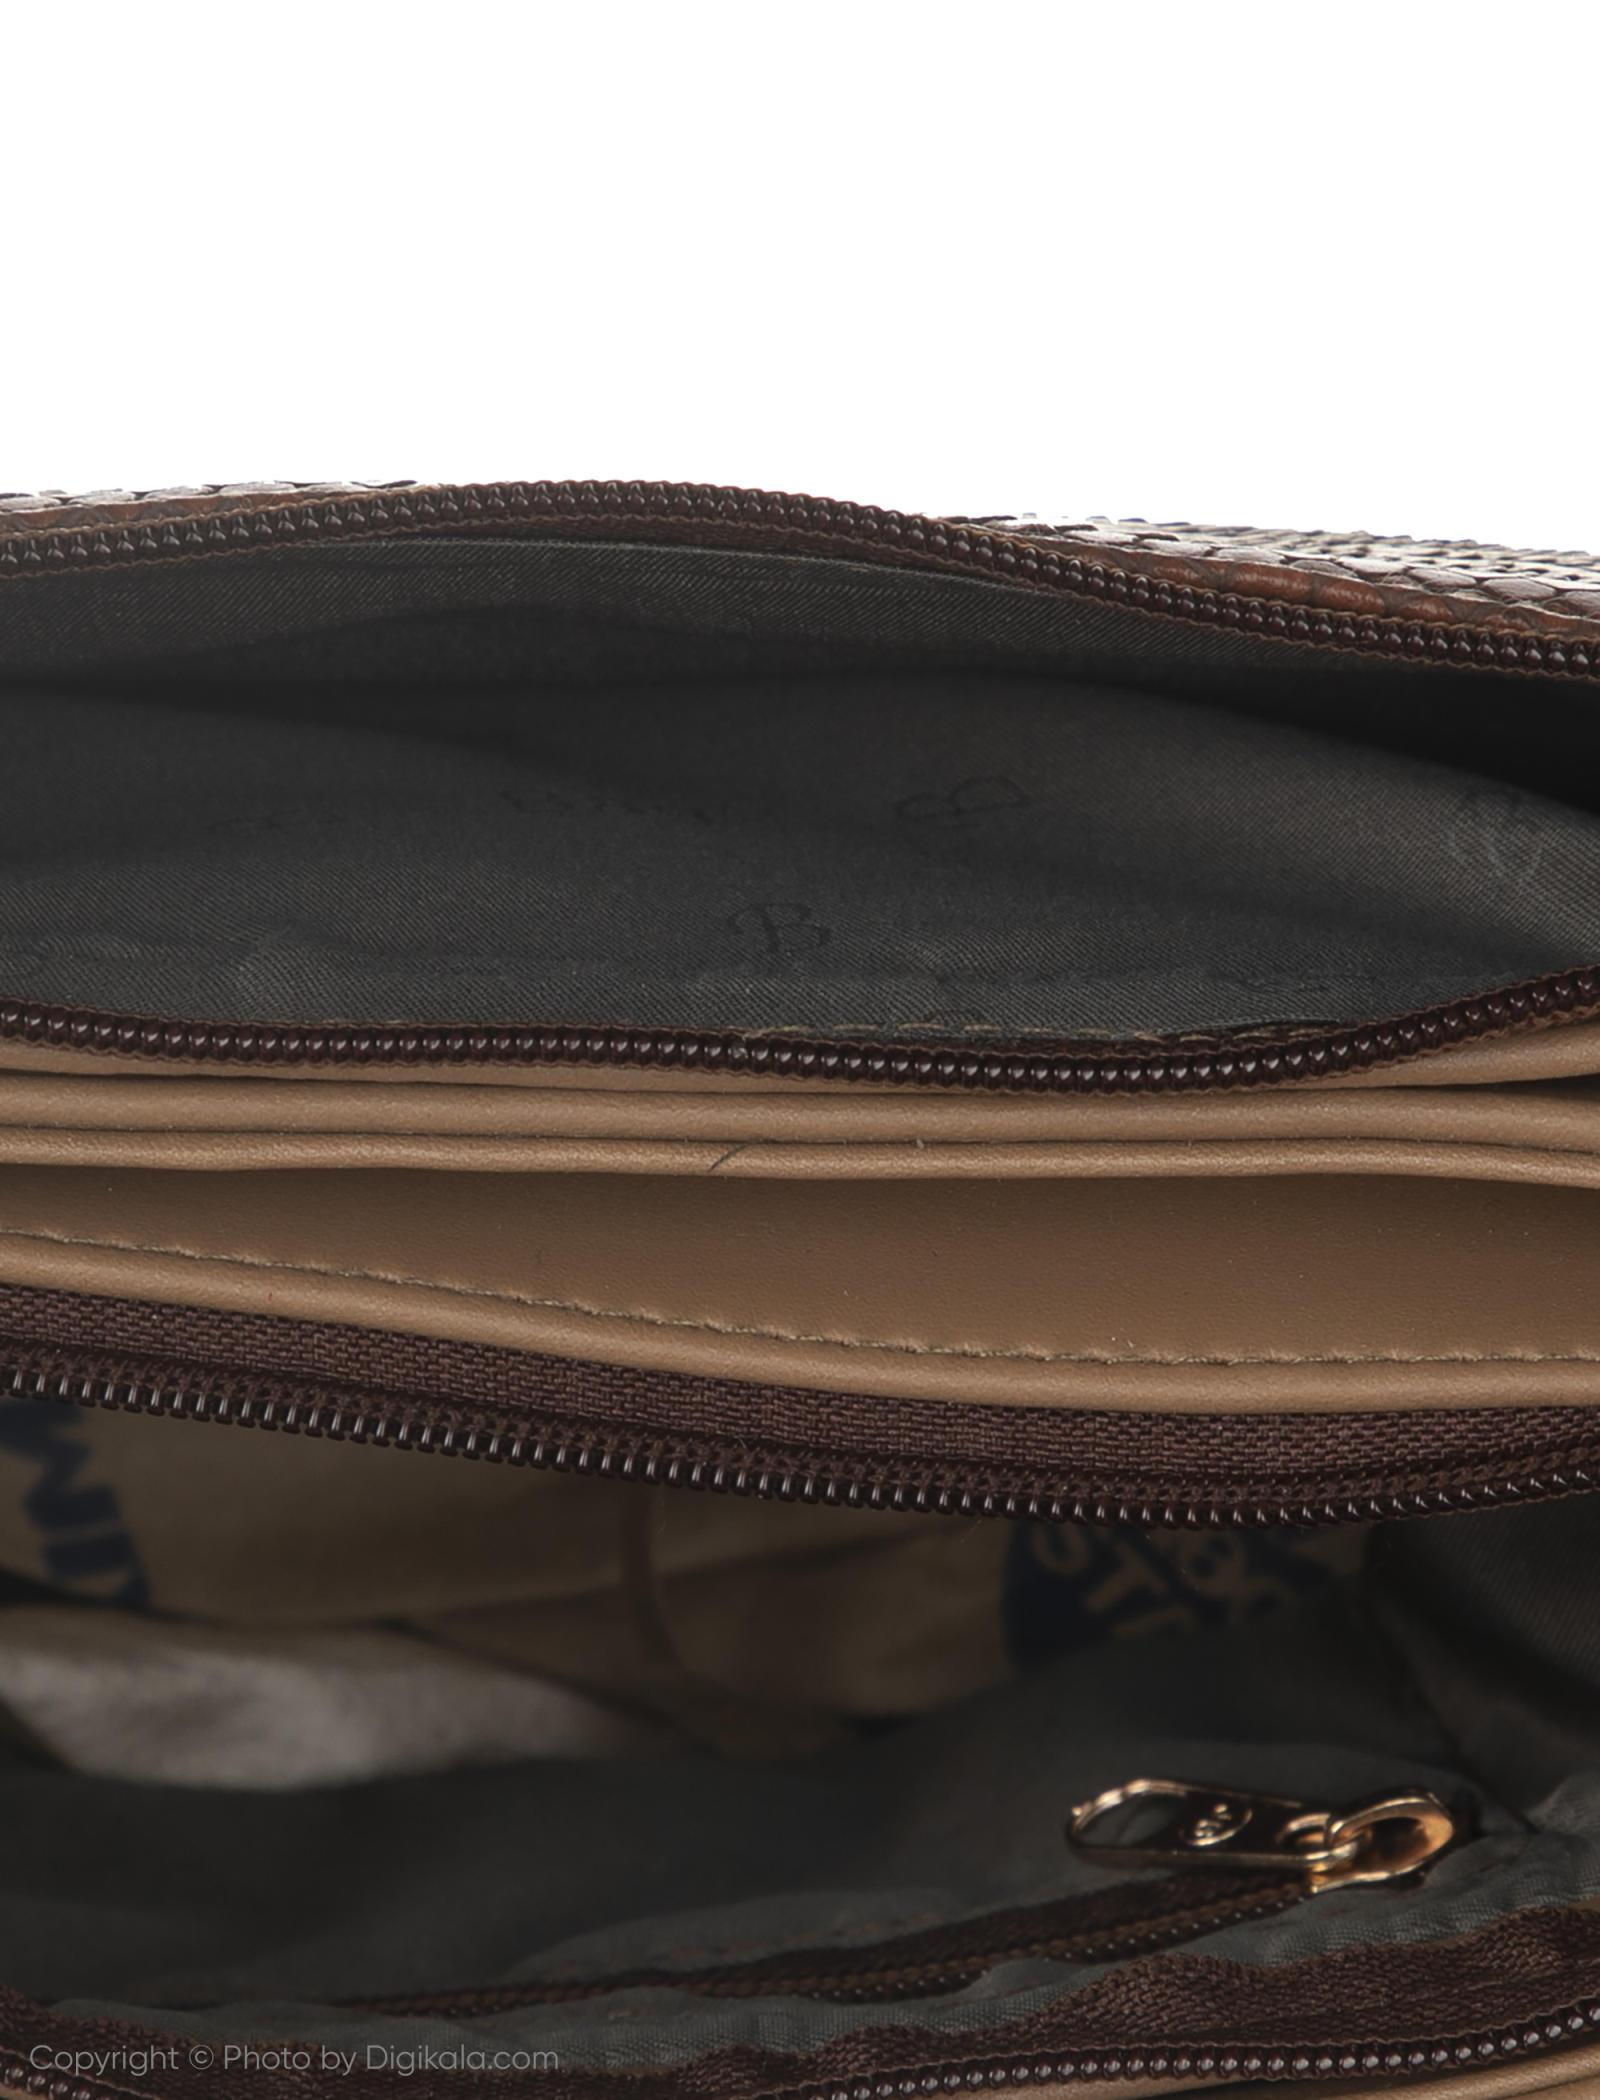 کیف رودوشی زنانه شیفر مدل 9F01304-18 -  - 7